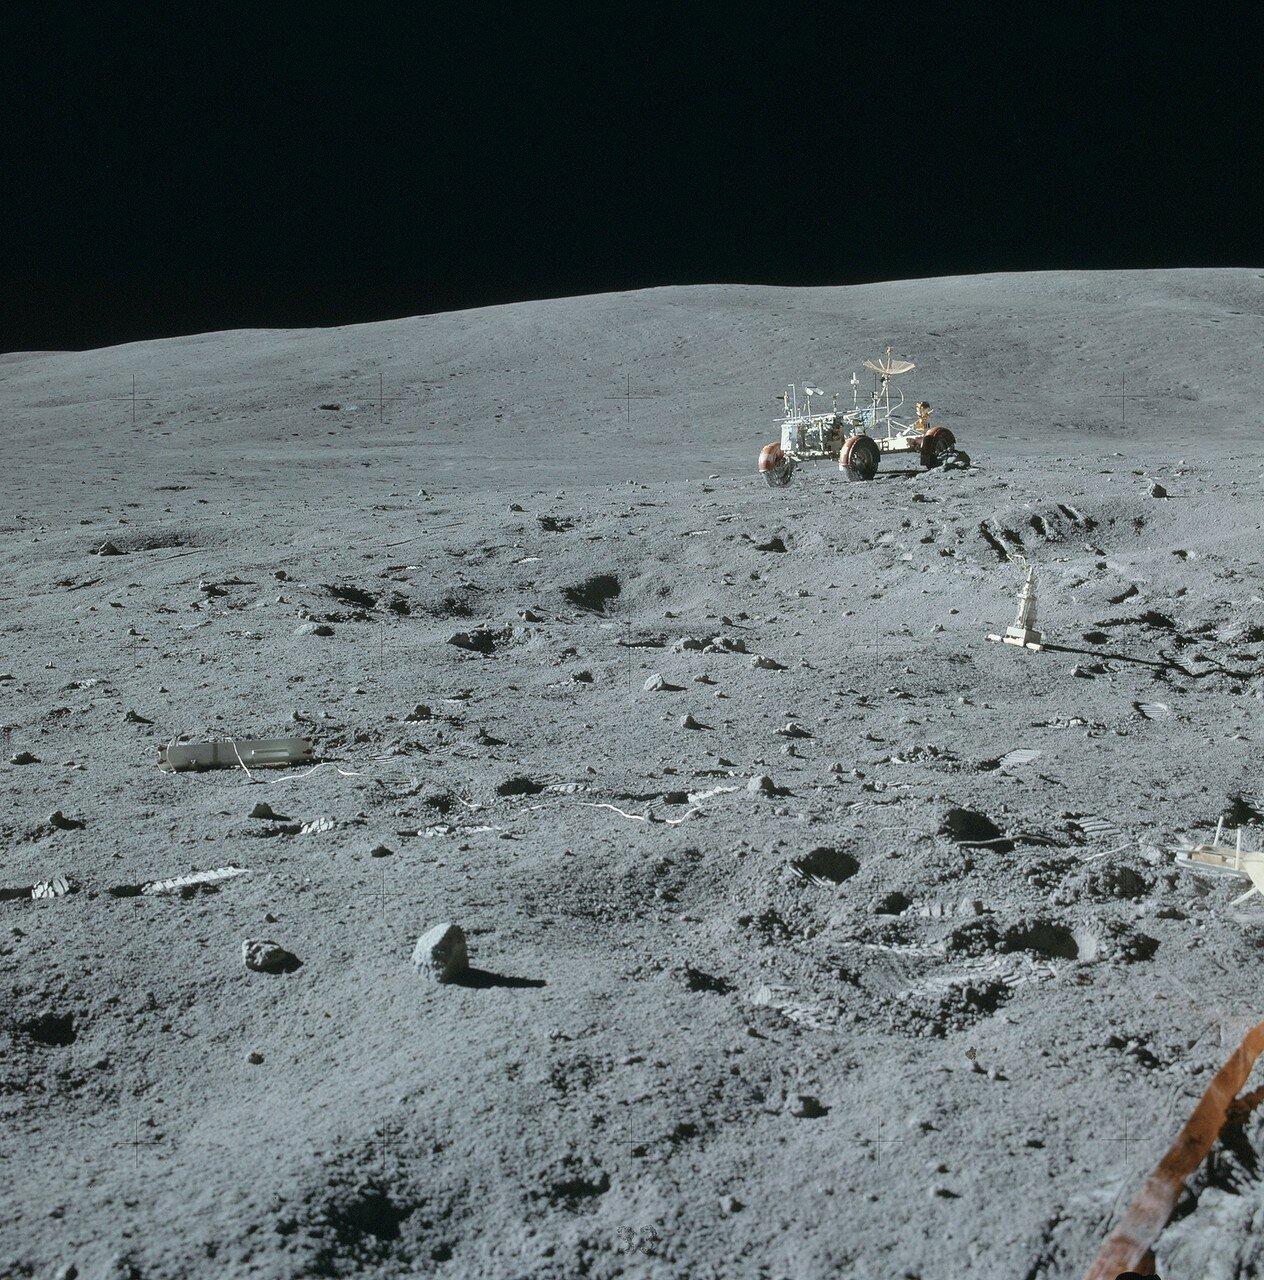 До первой геологической остановки у кратера Плам, Янг и Дьюк проехали ровно 2 км, по прямой до лунного модуля от того места было 1,4 км На снимке «Лунный Ровер» у места размещения научных приборов ALSEP. Справа в центре — дрель. Слева — контейнер со свёрл